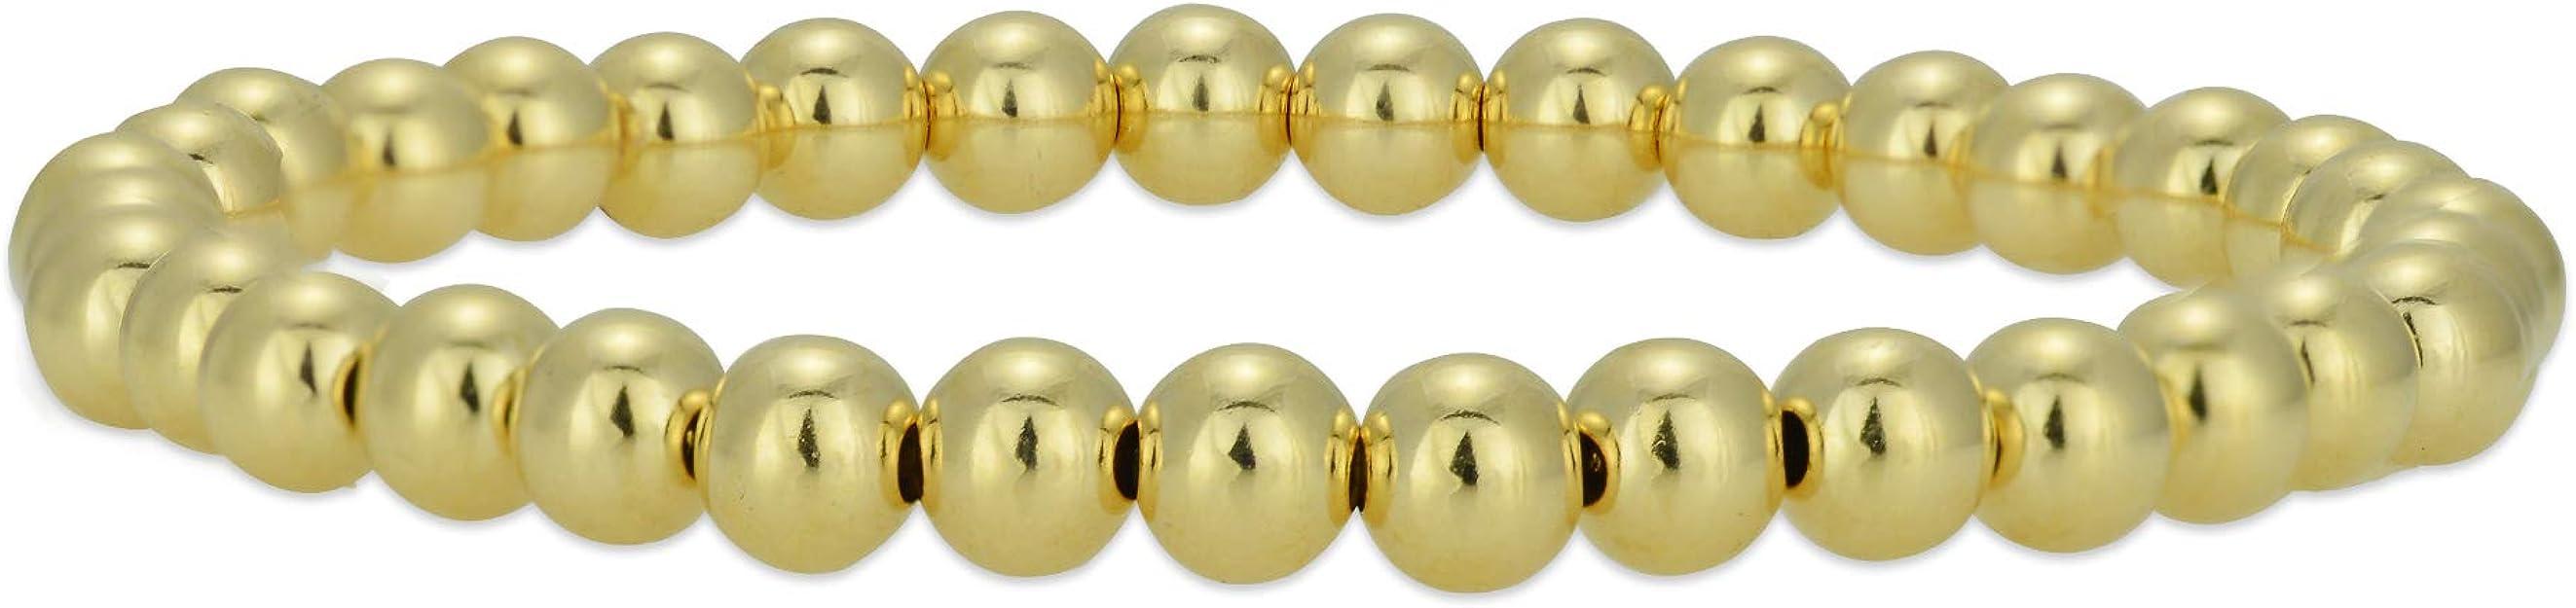 Beach Boho Bangles 14K Yellow Gold Filled Gold Filled Bracelet 12 Gauge Bangles Set of 6 14K Rose Gold Filled